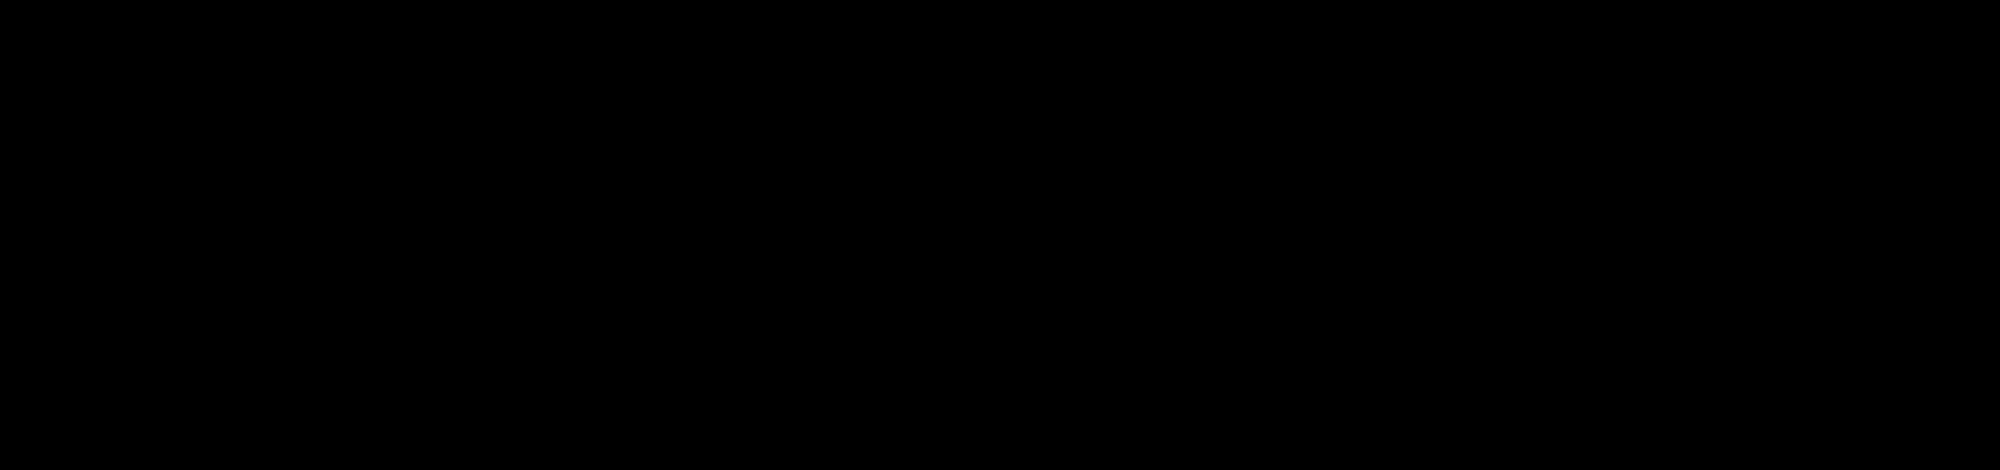 Logo_Budo Consulting_schwarz_v2